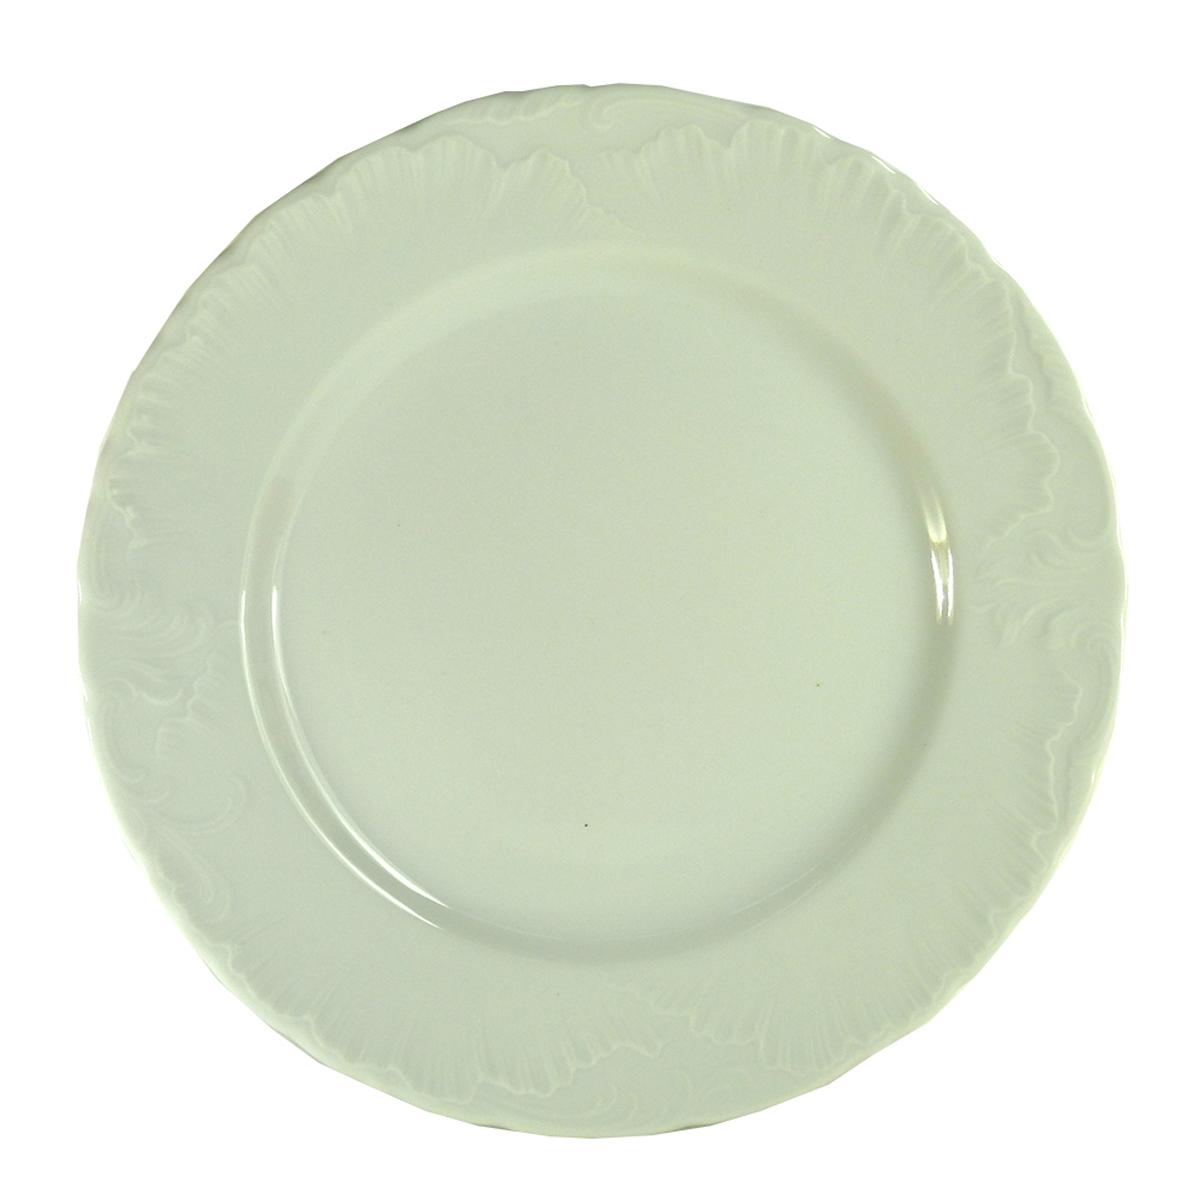 """Тарелка десертная Cmielow серии """"Rococo"""" - одна из старейших форм, производимых десятилетиями заводом """"Cmielow"""". Это пример """"исторической актуальности"""" заложенной в элегантную форму. Десертная тарелка 17 см. изготовлена из высококачественного польского фарфора."""